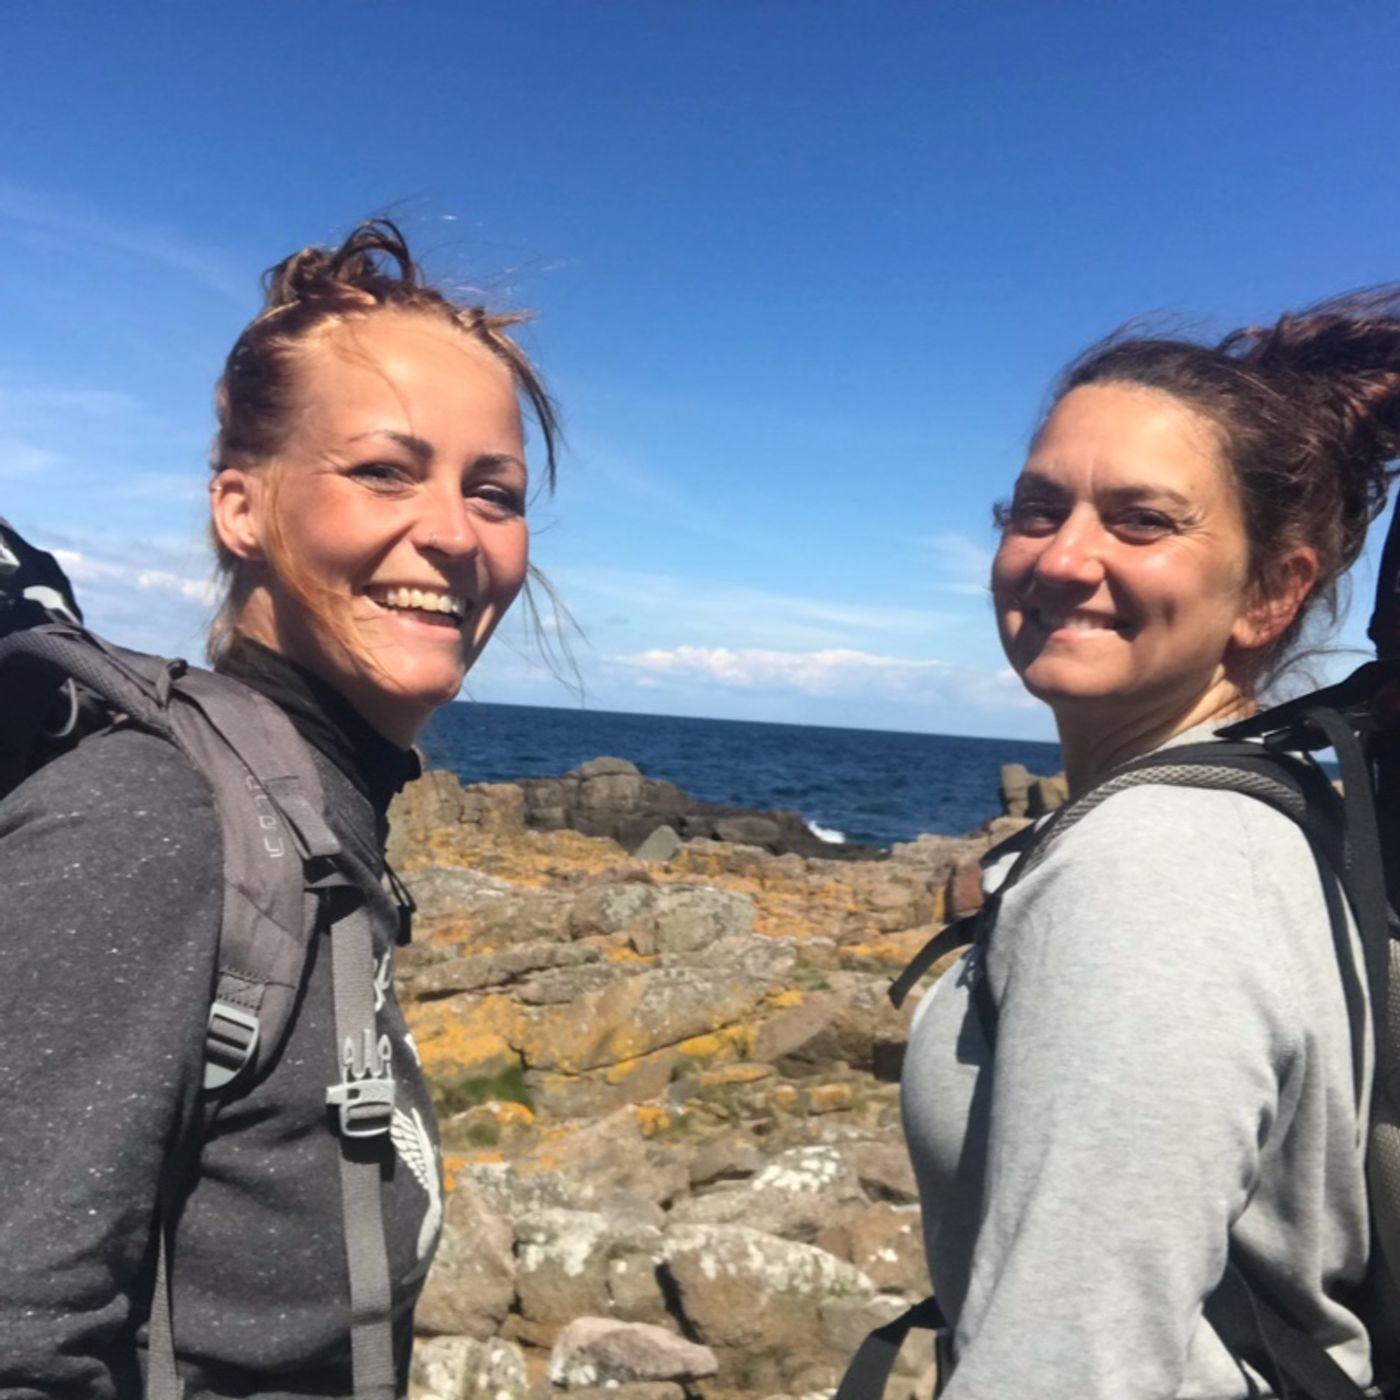 #4 Når kvinder vandrer sammen